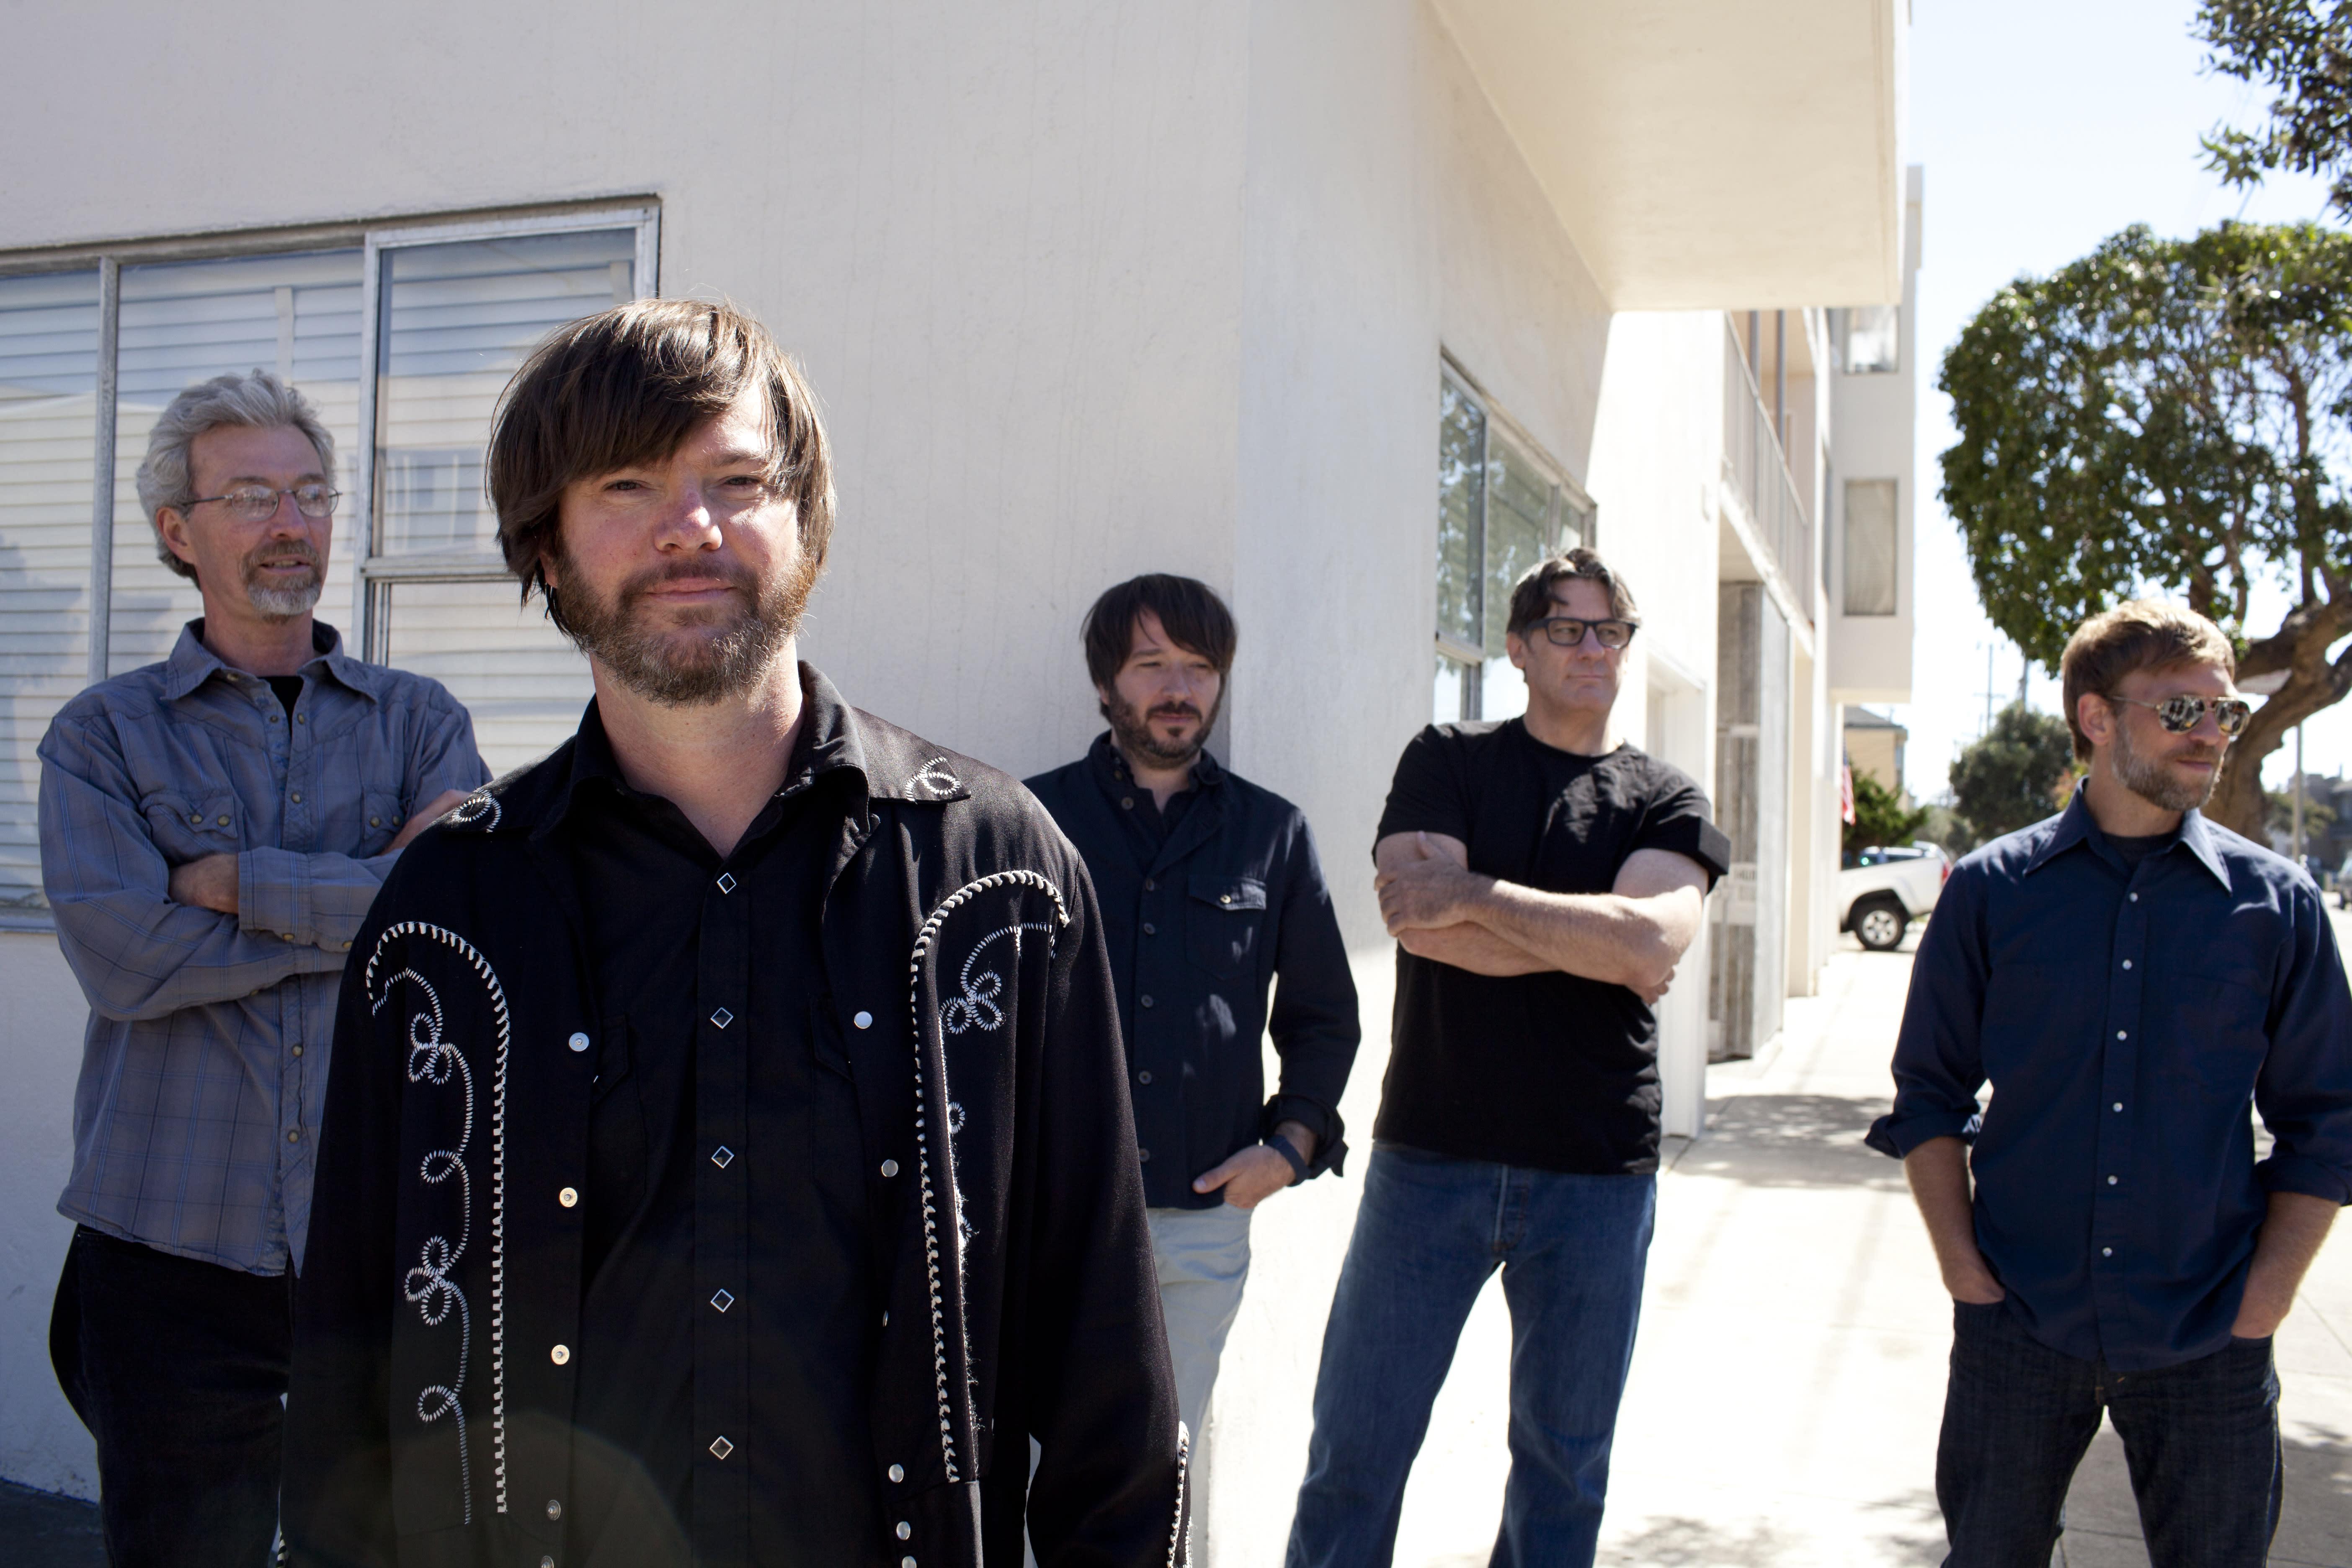 Son Volt is the headliner for 2013's Jam Room Music Festival